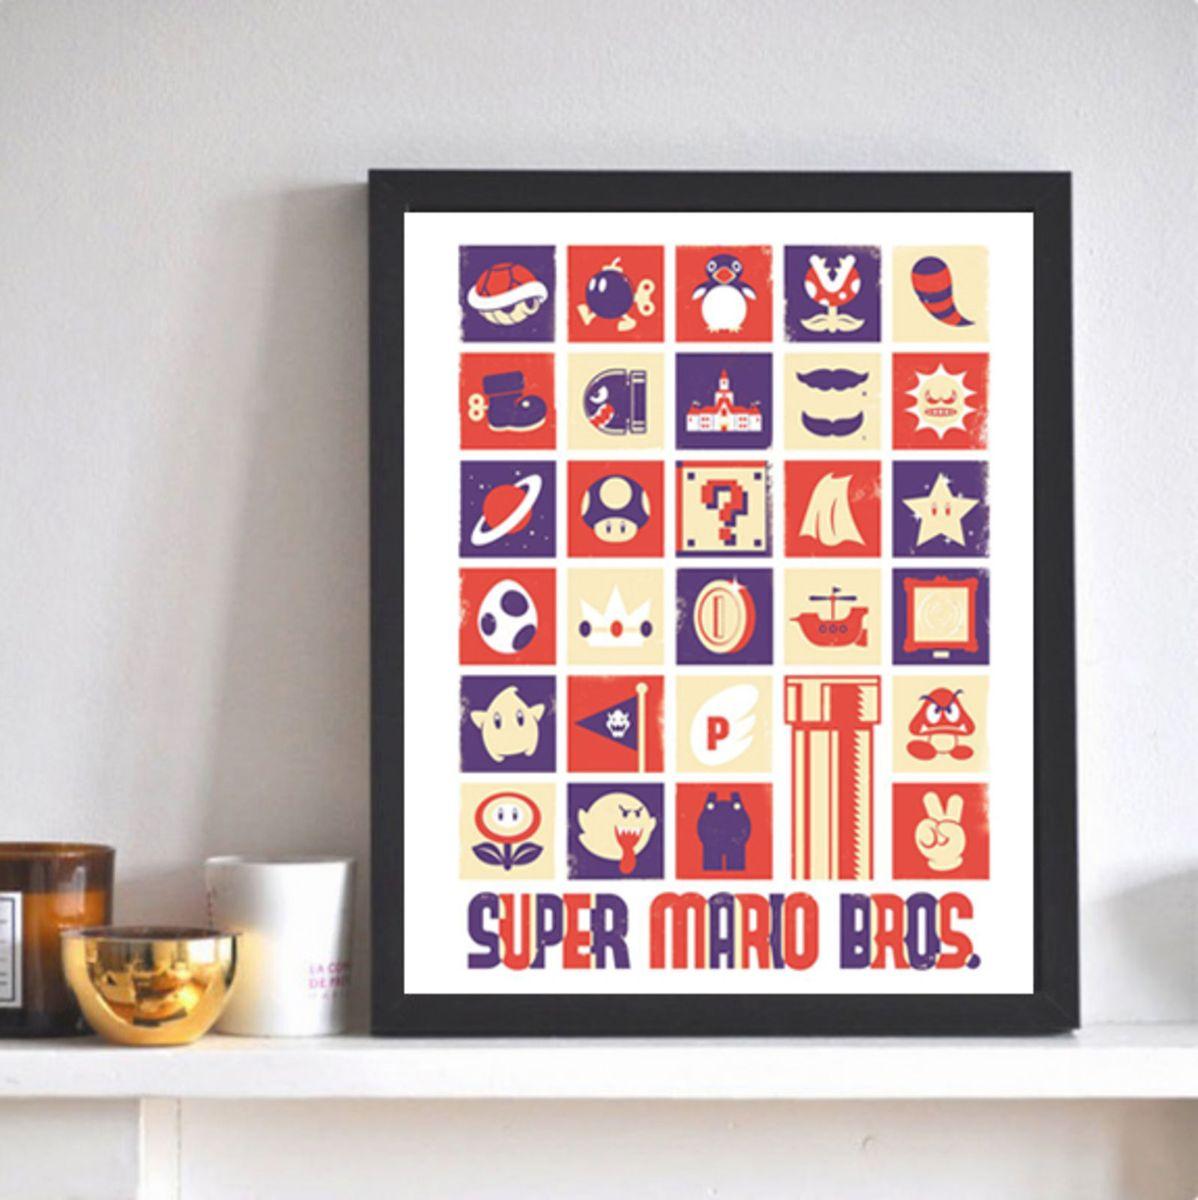 quadro poster decorativo - decoração sem marca